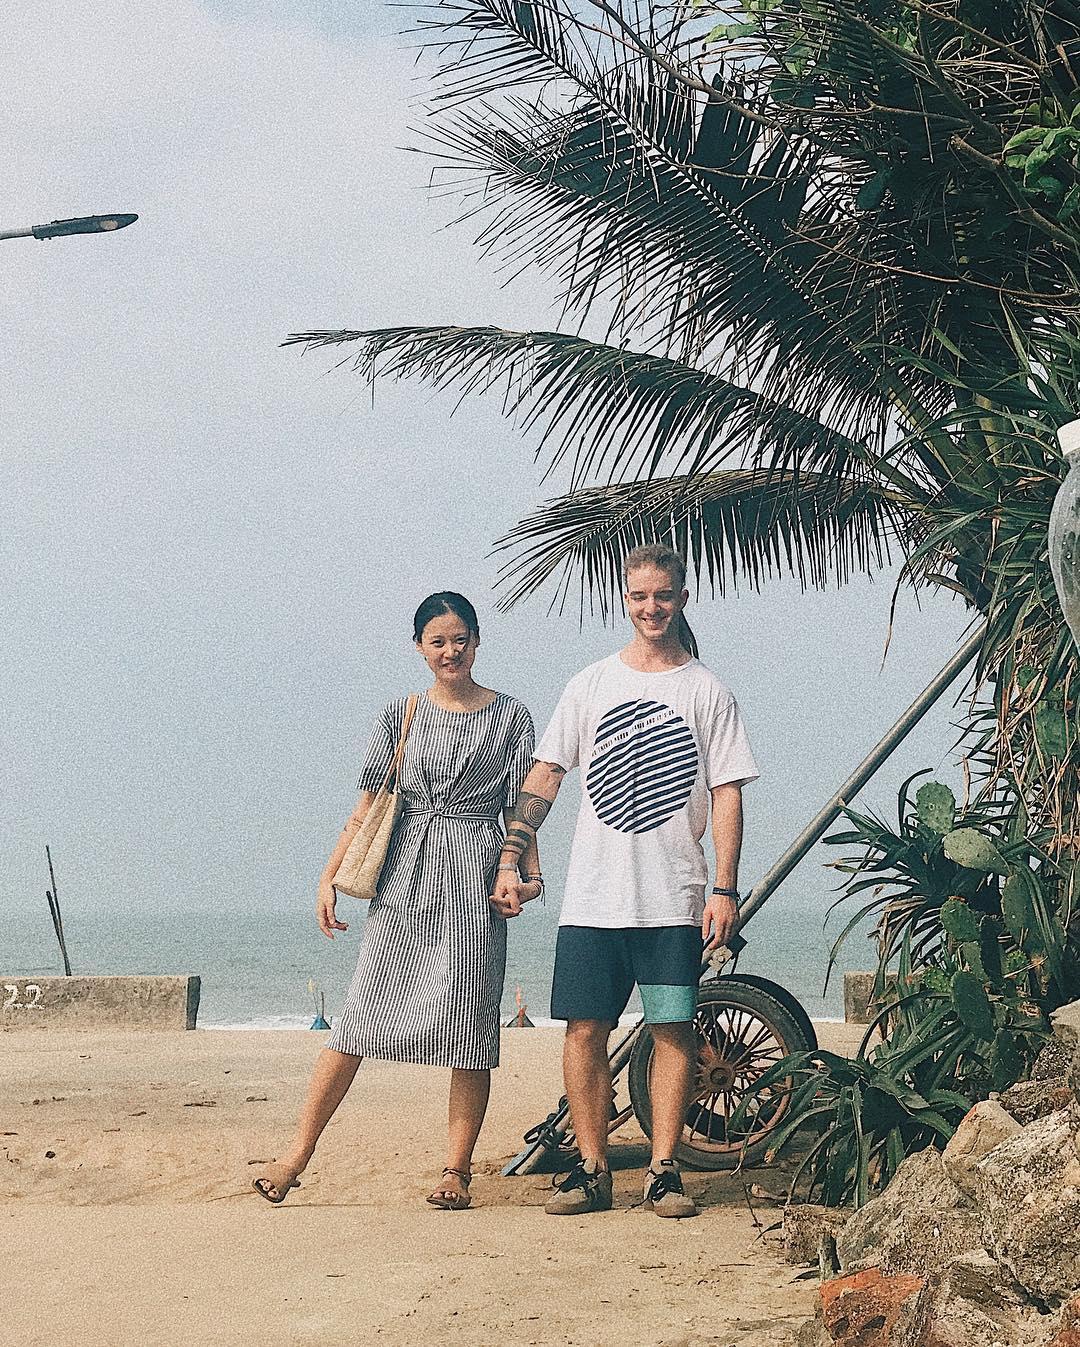 ... Chuyện tình chàng Tây và cô gái Việt nắm tay nhau đi khắp thế gian khiến ...